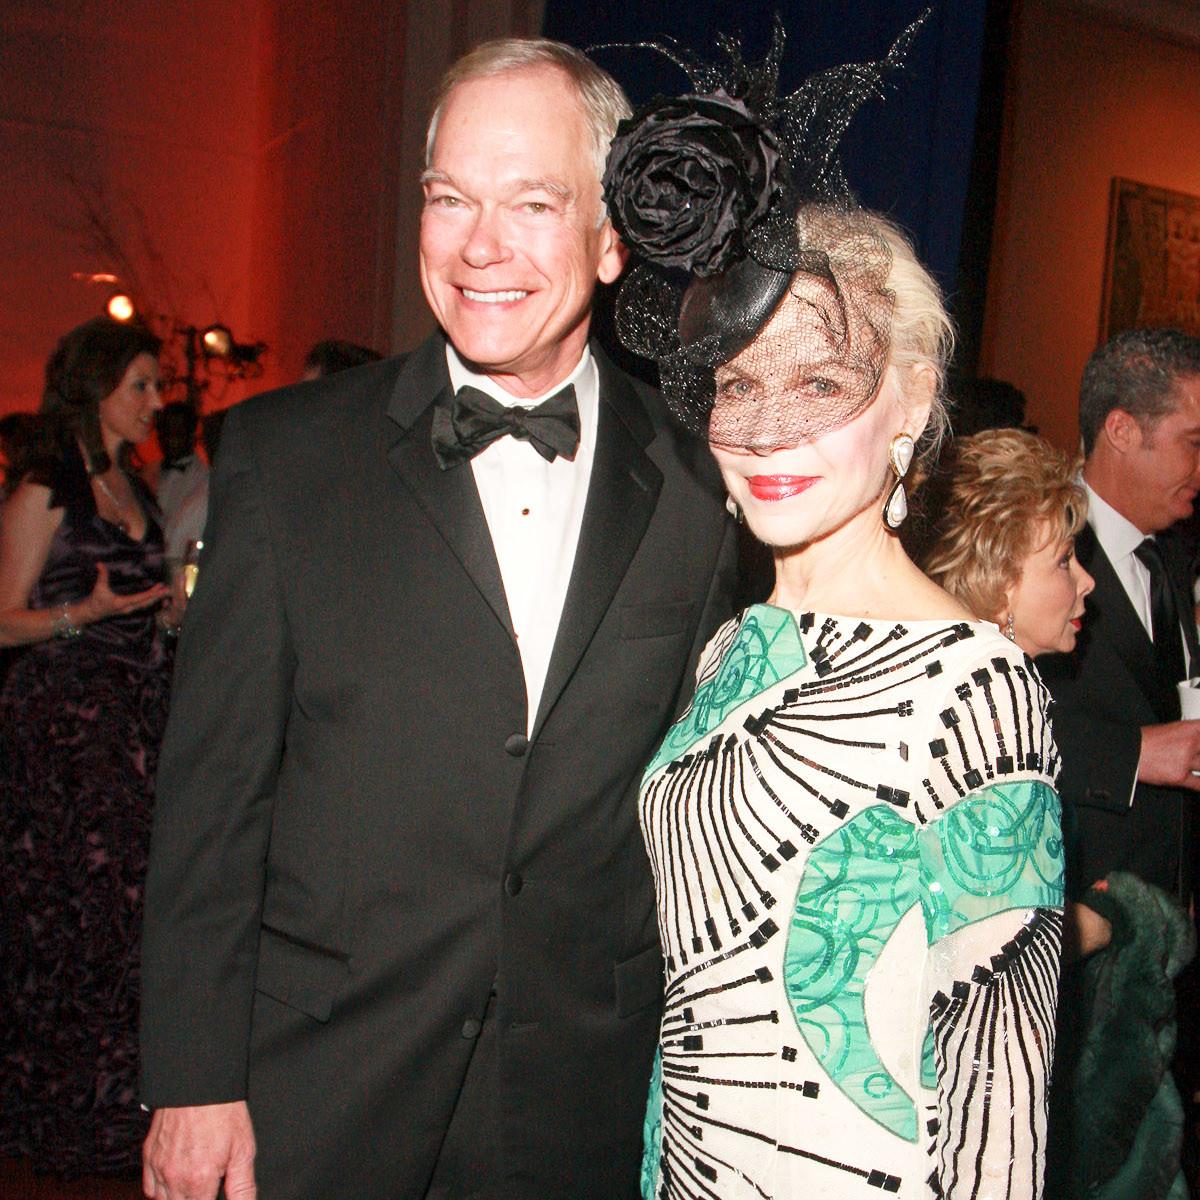 News_Ballet Ball_Feb. 2010_Jay Jones_Lynn Wyatt_184